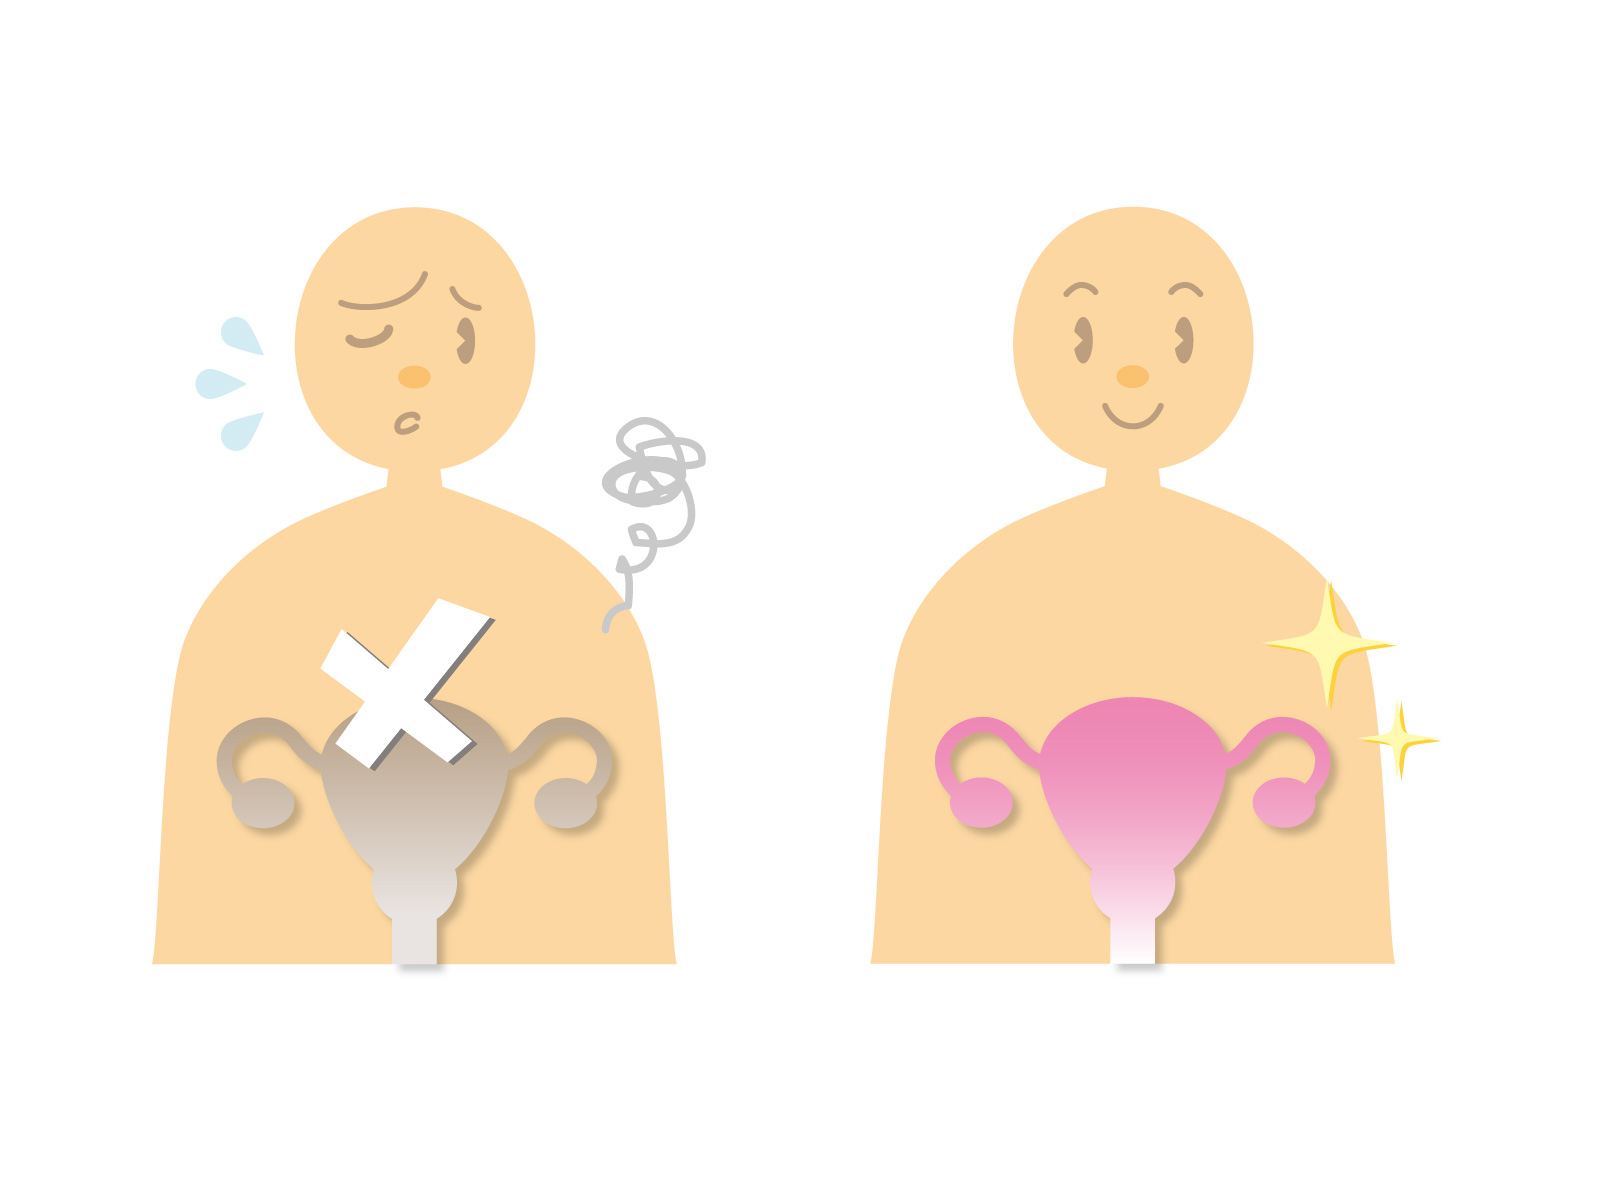 子宮筋腫で痛みが出る理由を産婦人科医に聞いた(腰痛以外)